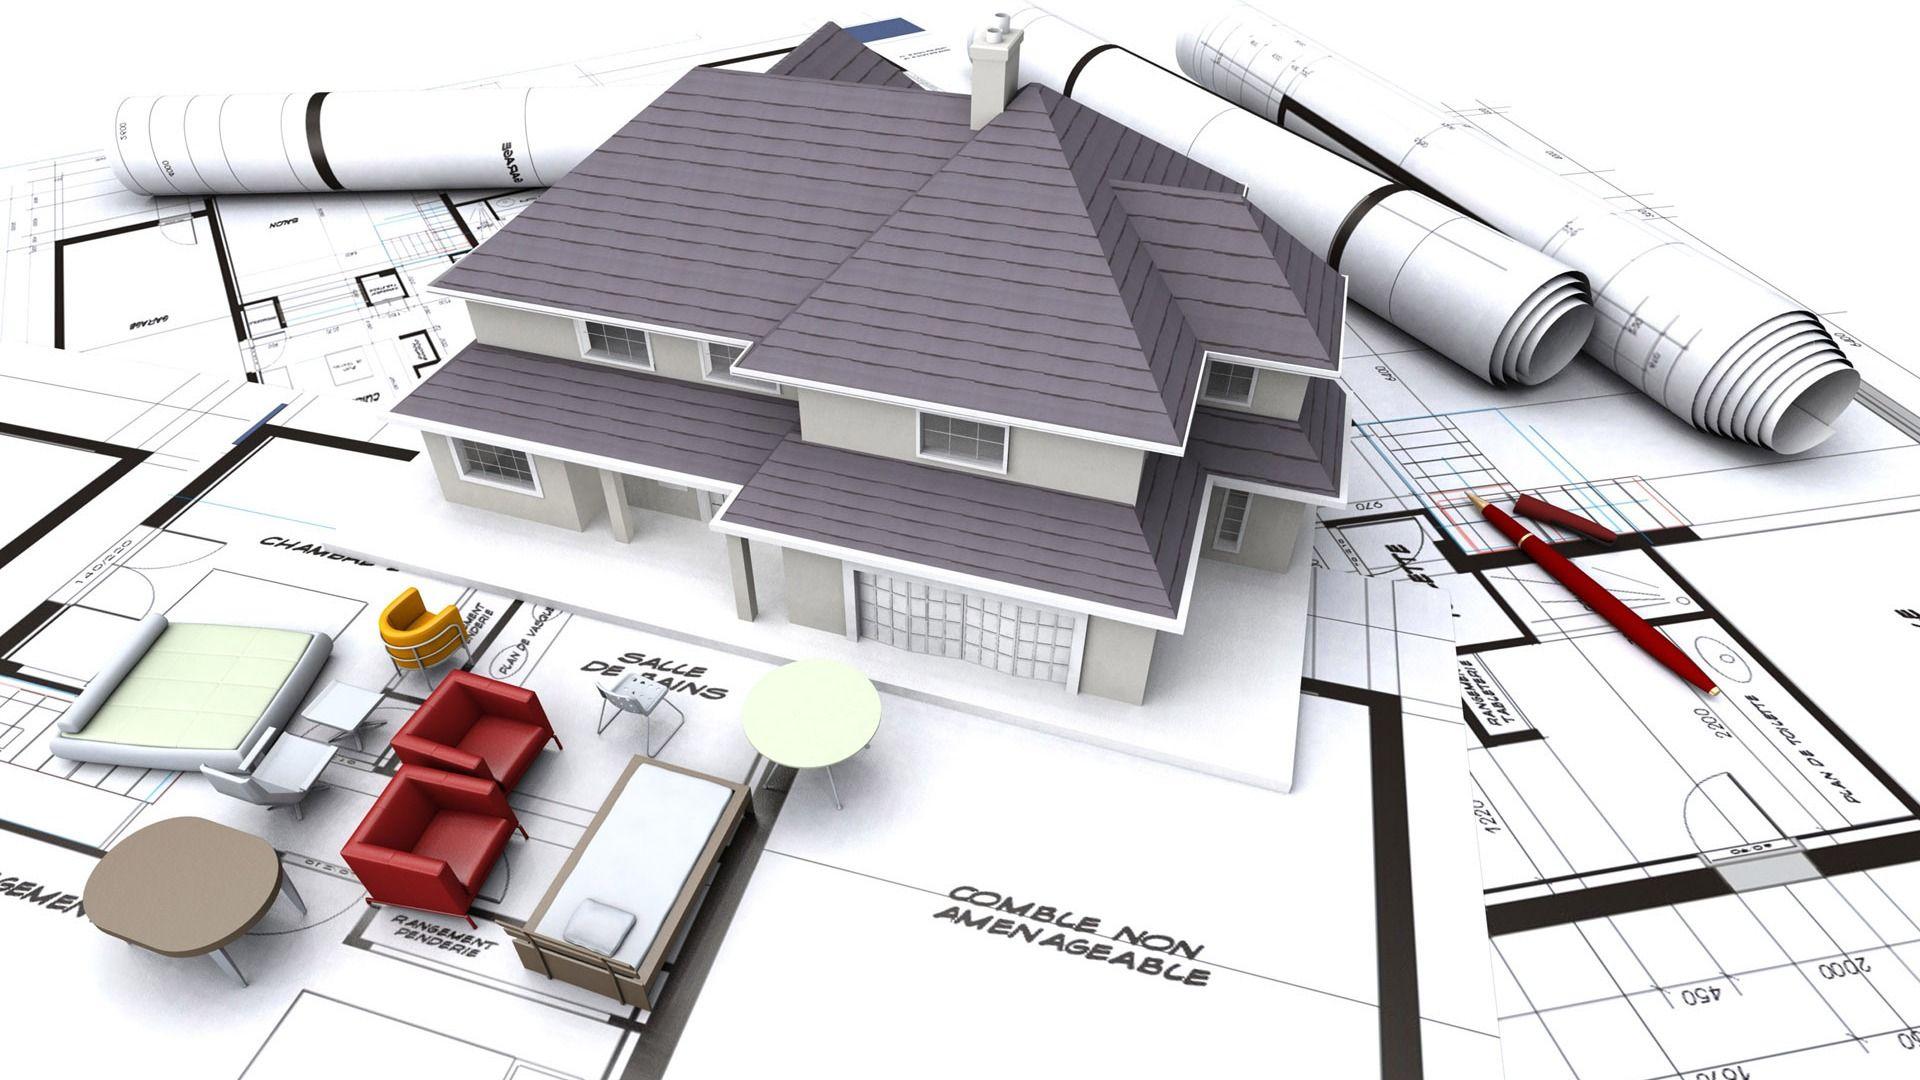 طراحی داخلی، معماری داخلی و دکوراسیون داخلی چه تفاوتی دارند؟